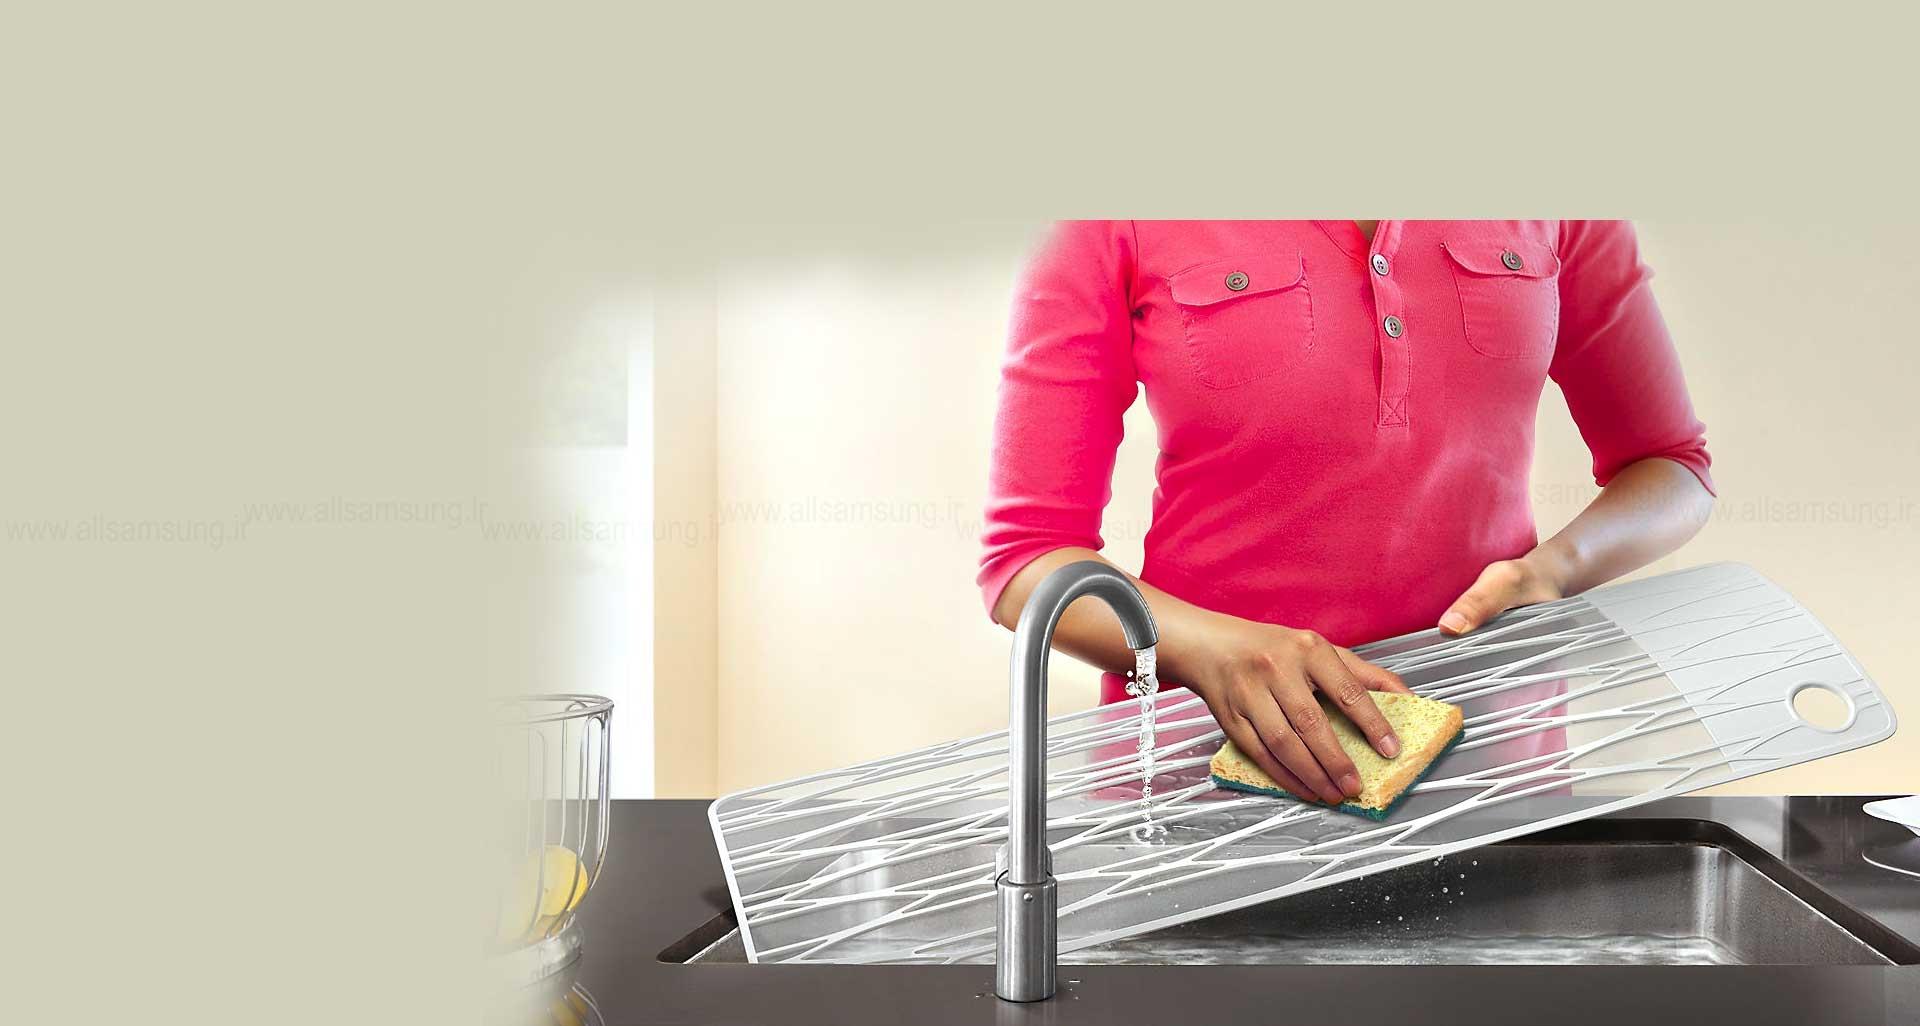 روشی راحت برای تمیز کردن فیلتر کولرگازی گود 1 اینورتر